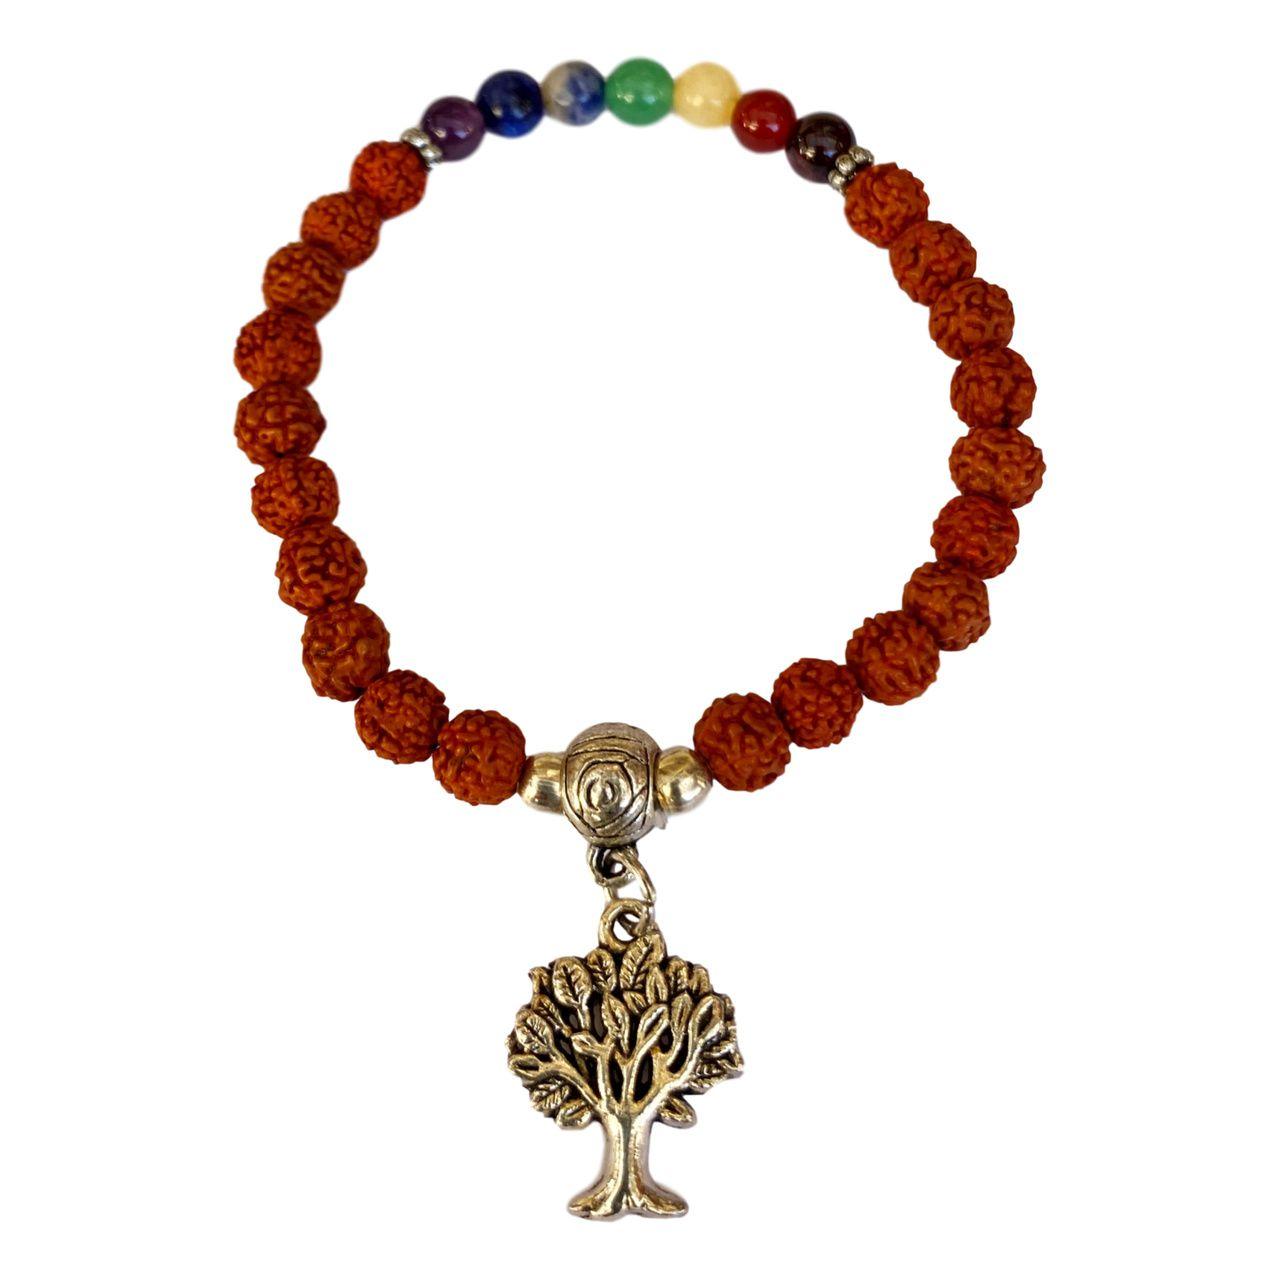 Pulseira Artesanal - Chakras e Árvore